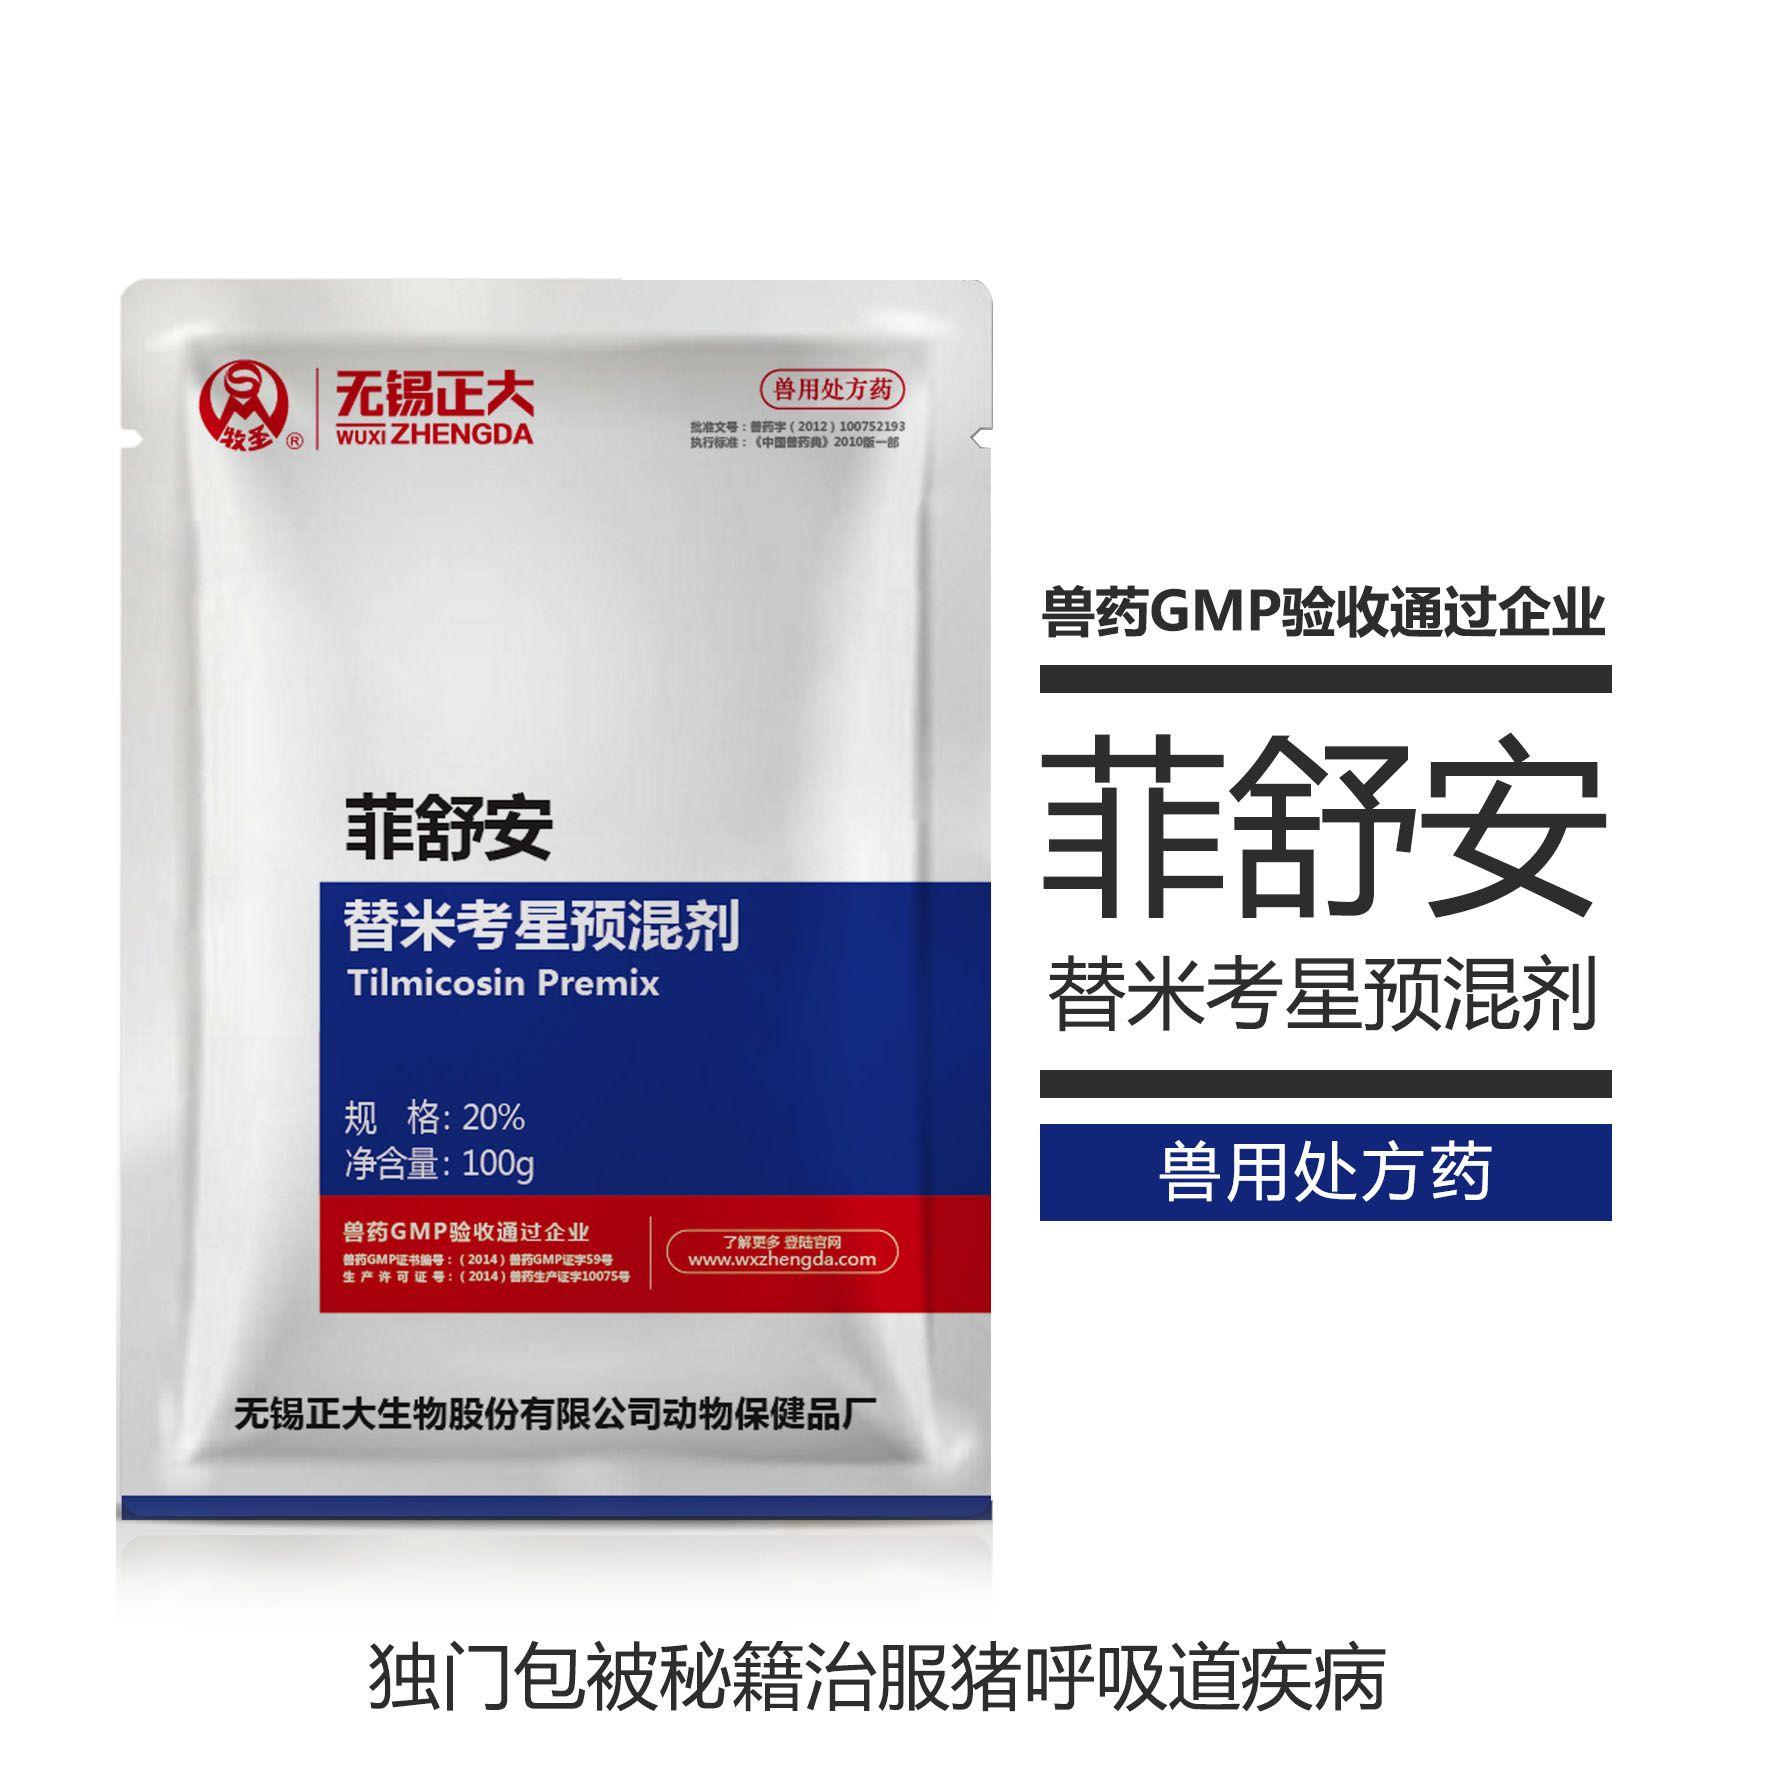 【无锡正大】菲舒安 20%磷酸替米考星预混剂 1000g*20包